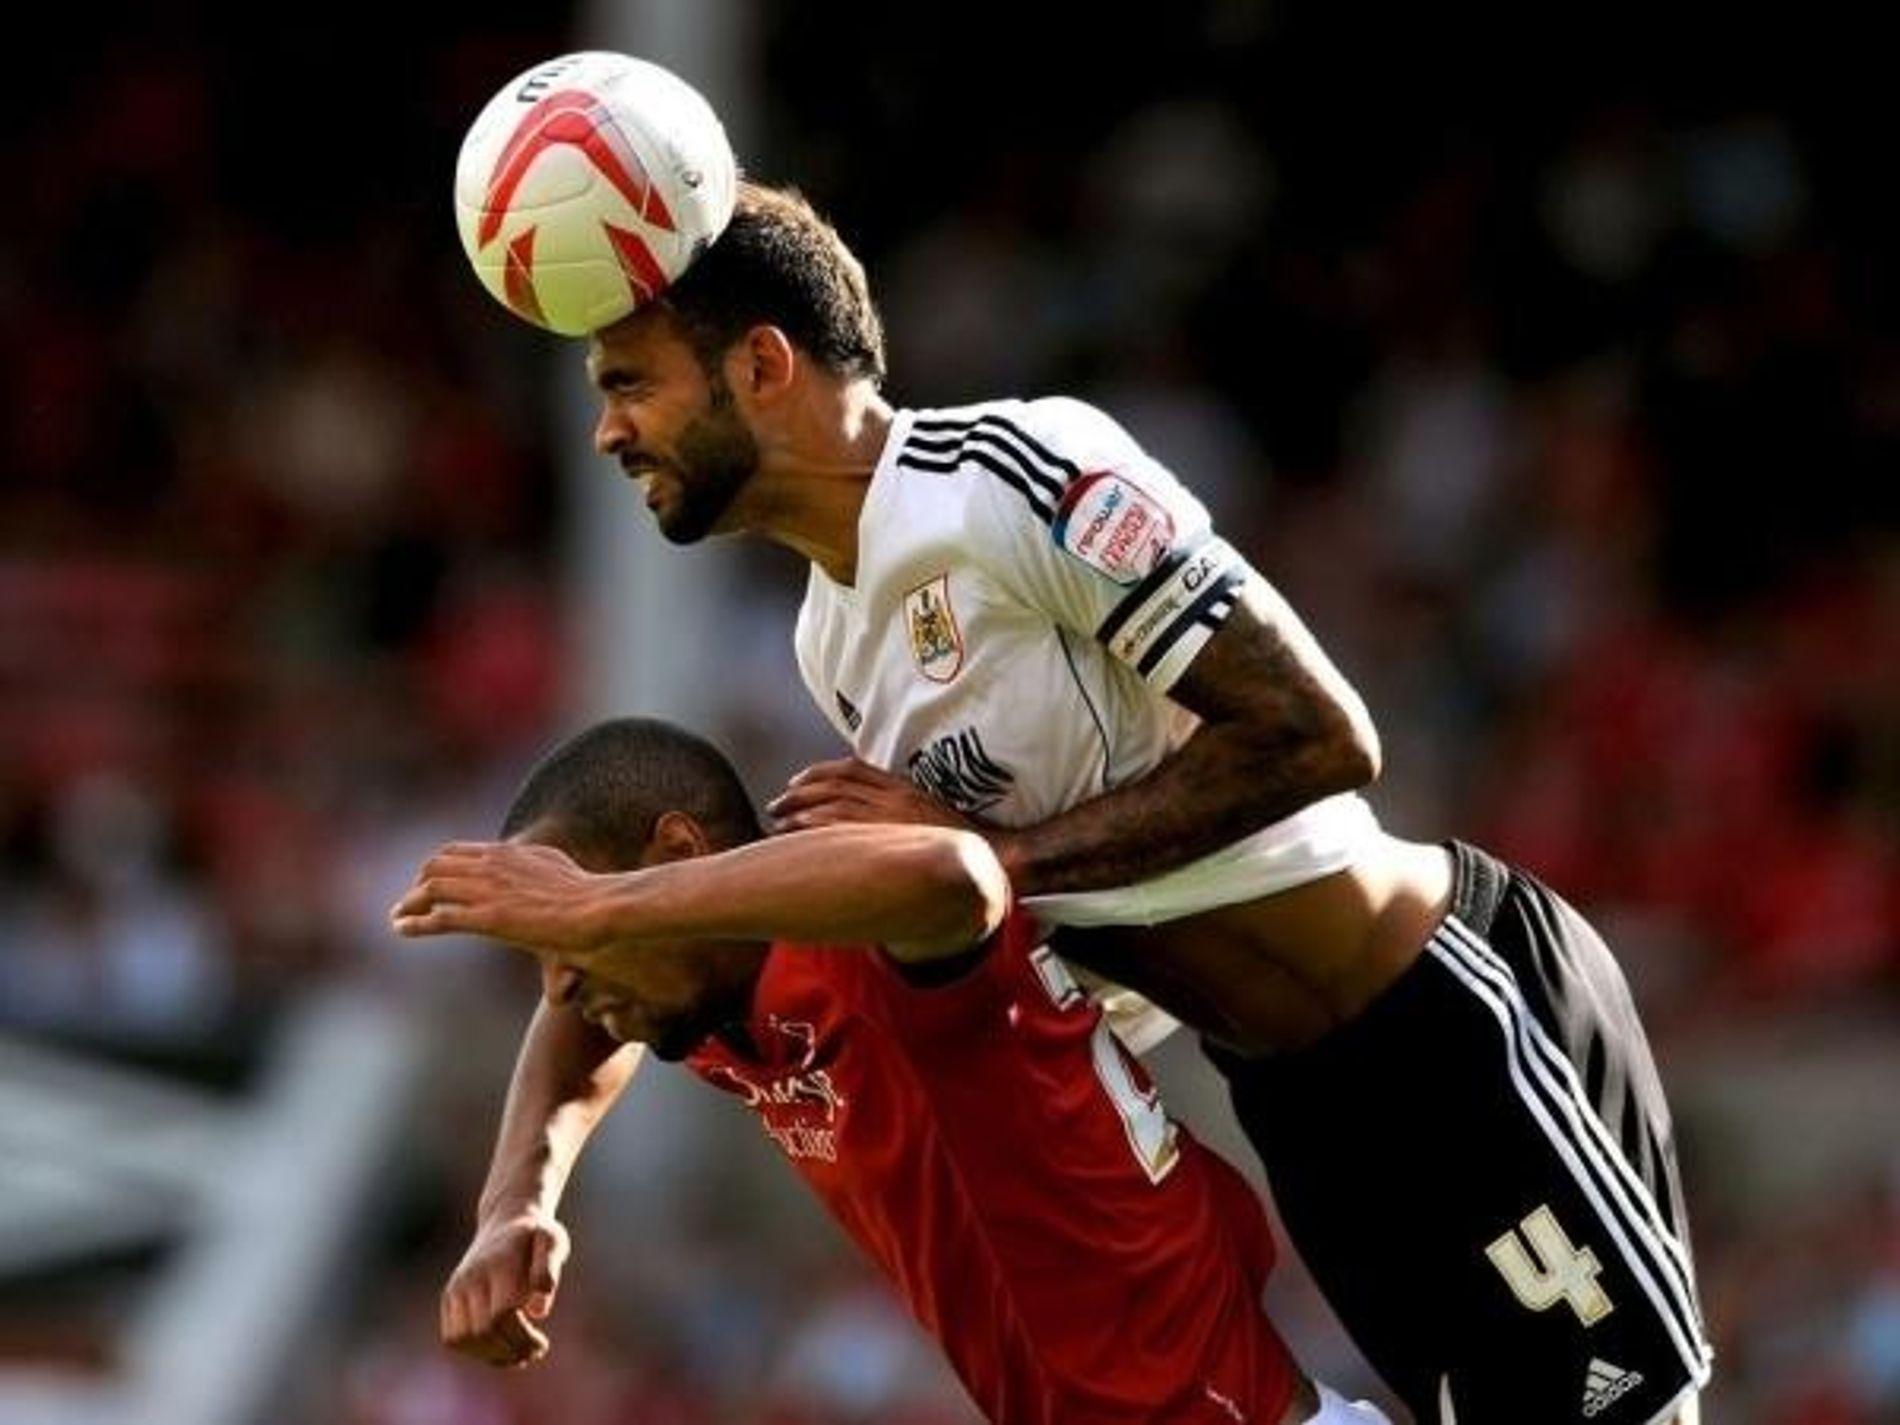 Dos jugadores se pelean por el balón.